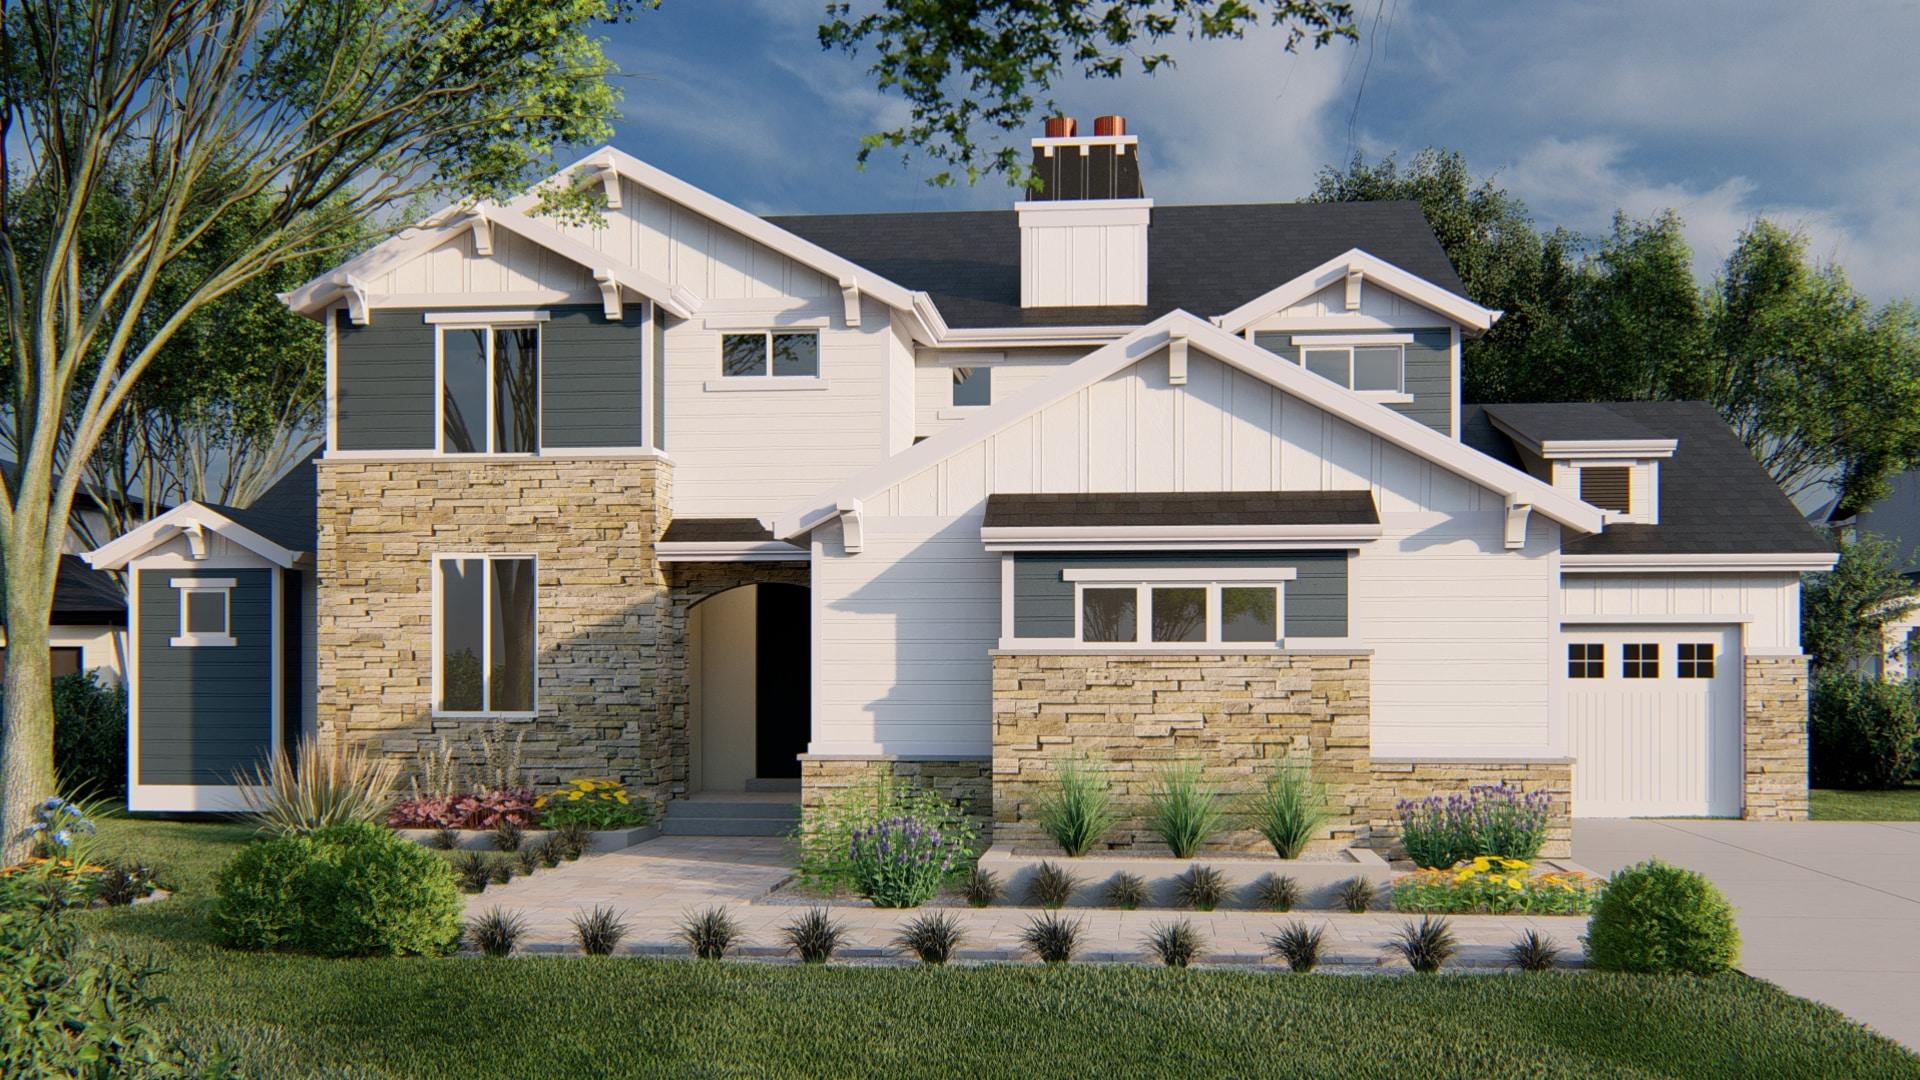 Tacoma Craftsman House Plan Rendering